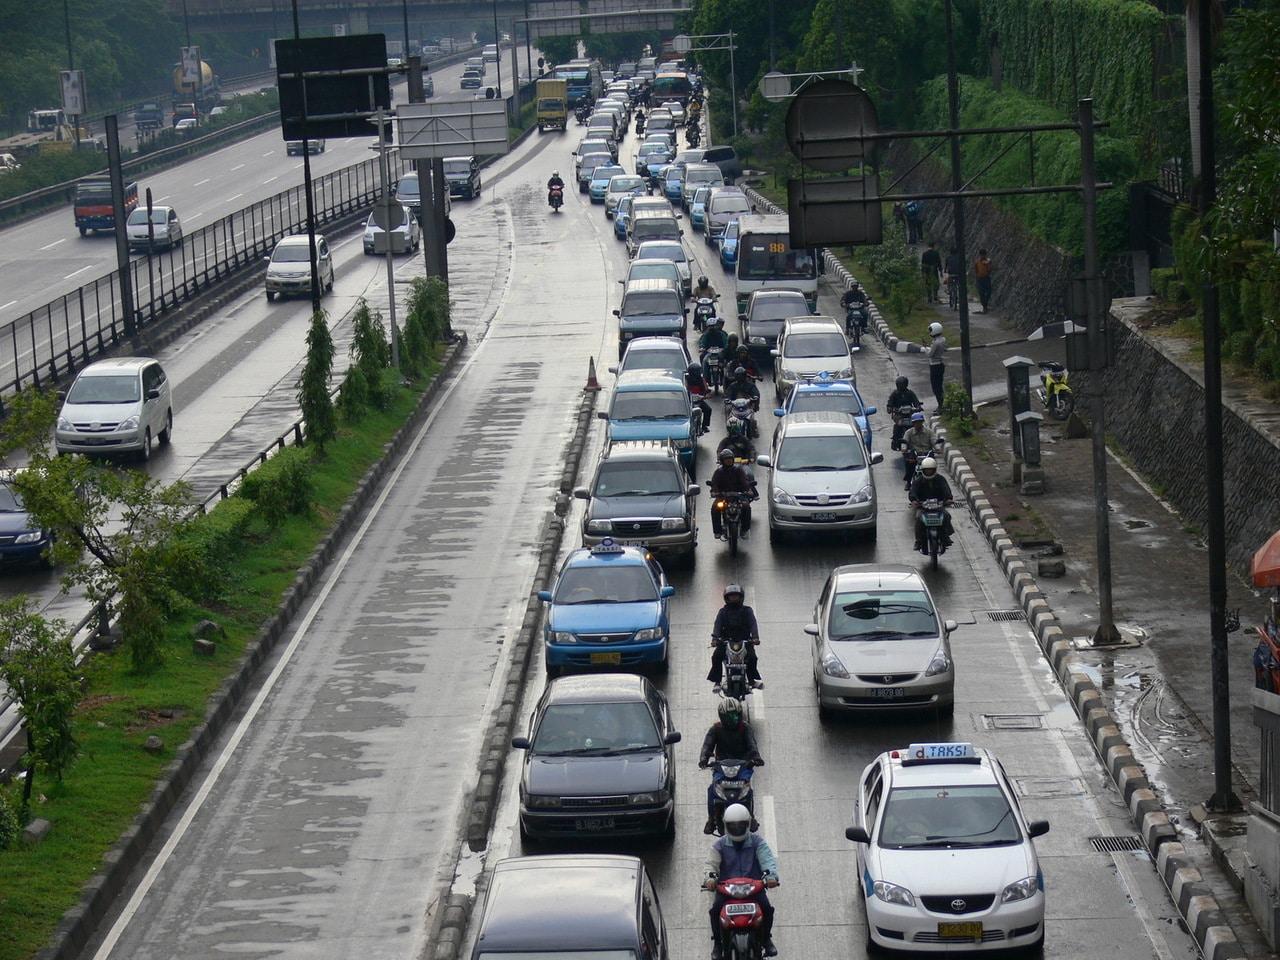 Gambar Ilustrasi: Di dubaik mereka yang mau pindah ke transportasi umum dari kendaraan pribadi bisa mendapatkan hadiah 4Kg Emas!